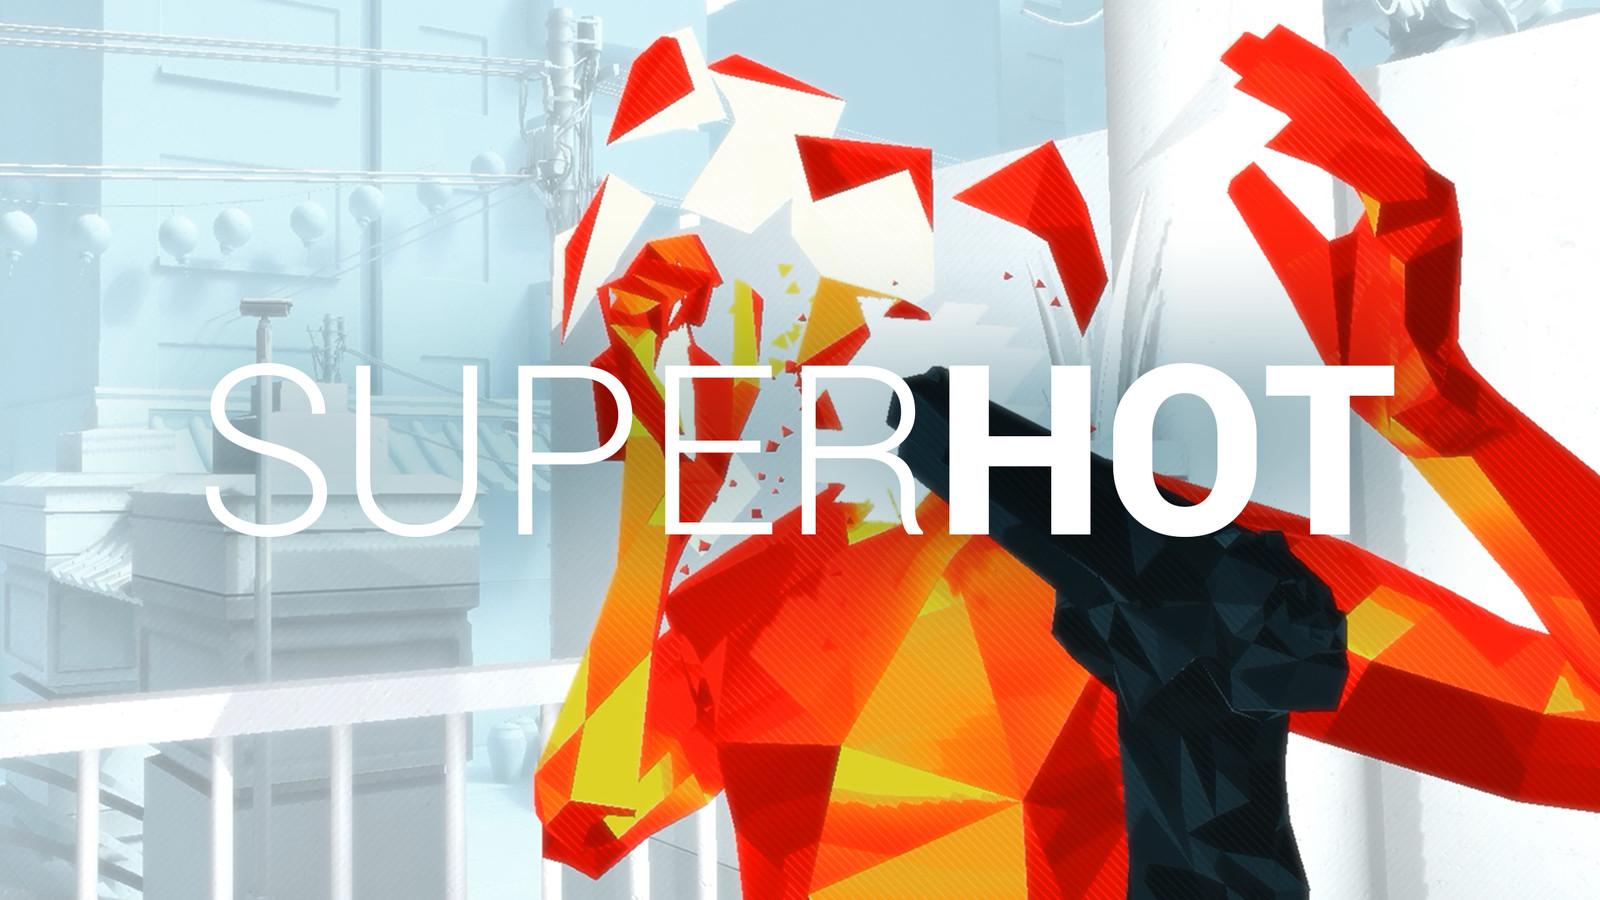 """Résultat de recherche d'images pour """"Superhot VR"""""""